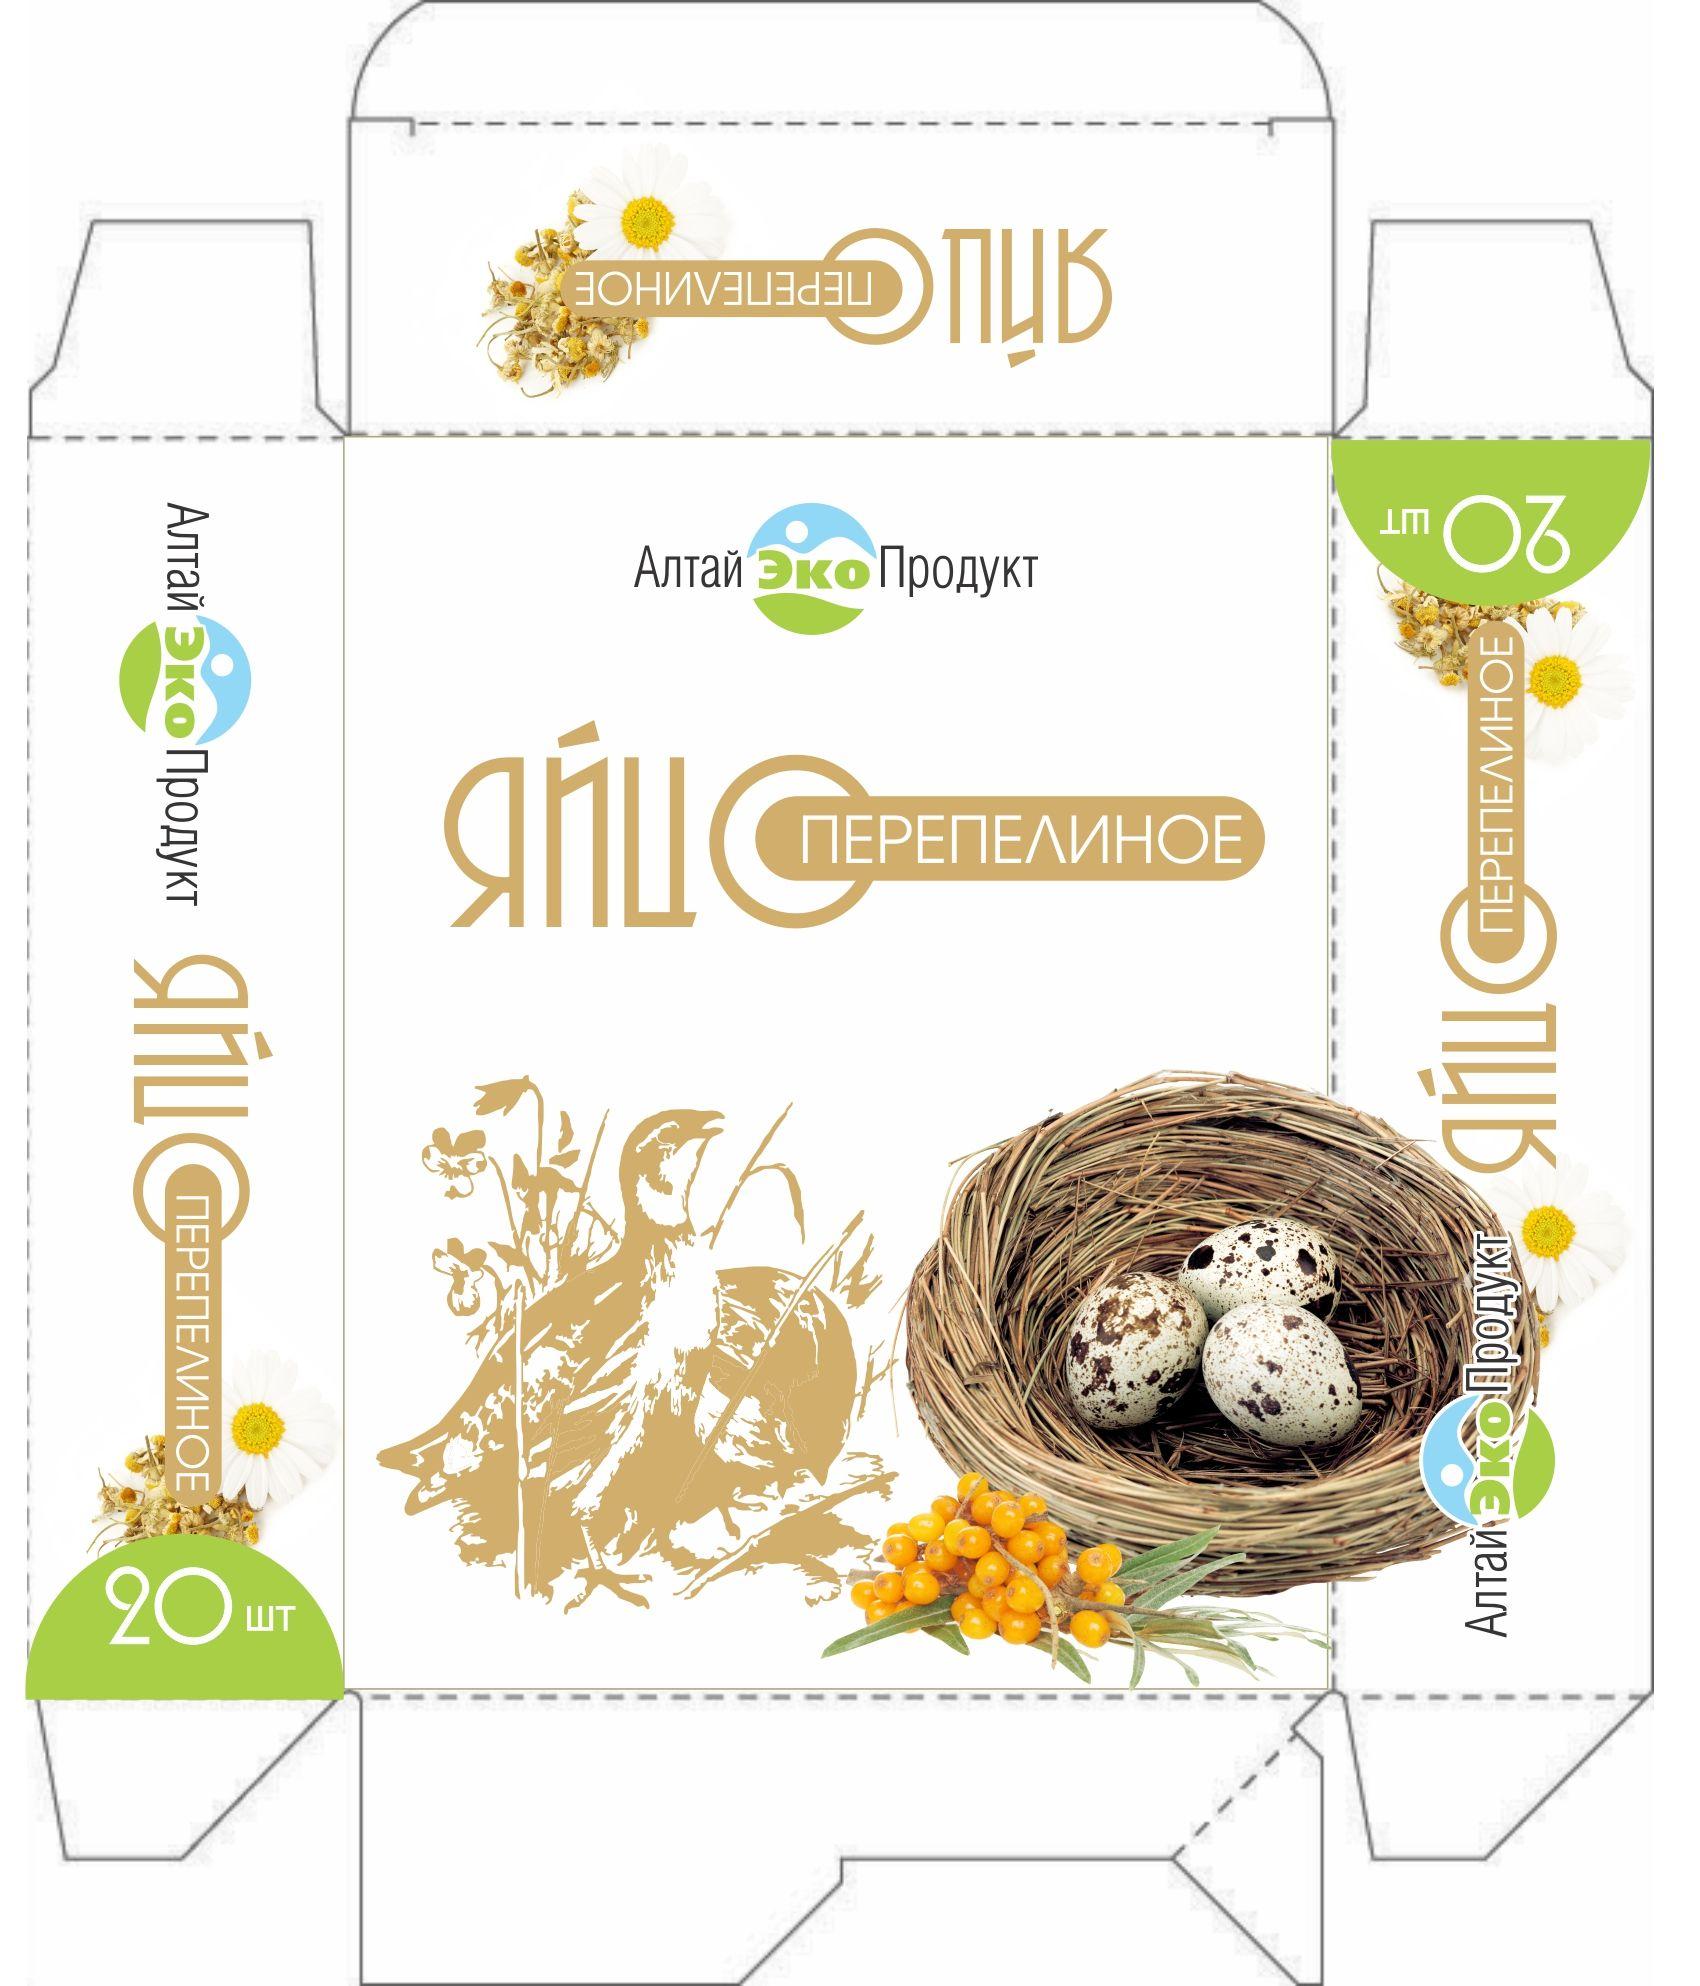 Лого и упаковка для Алтай Эко Продукт - дизайнер elenuchka